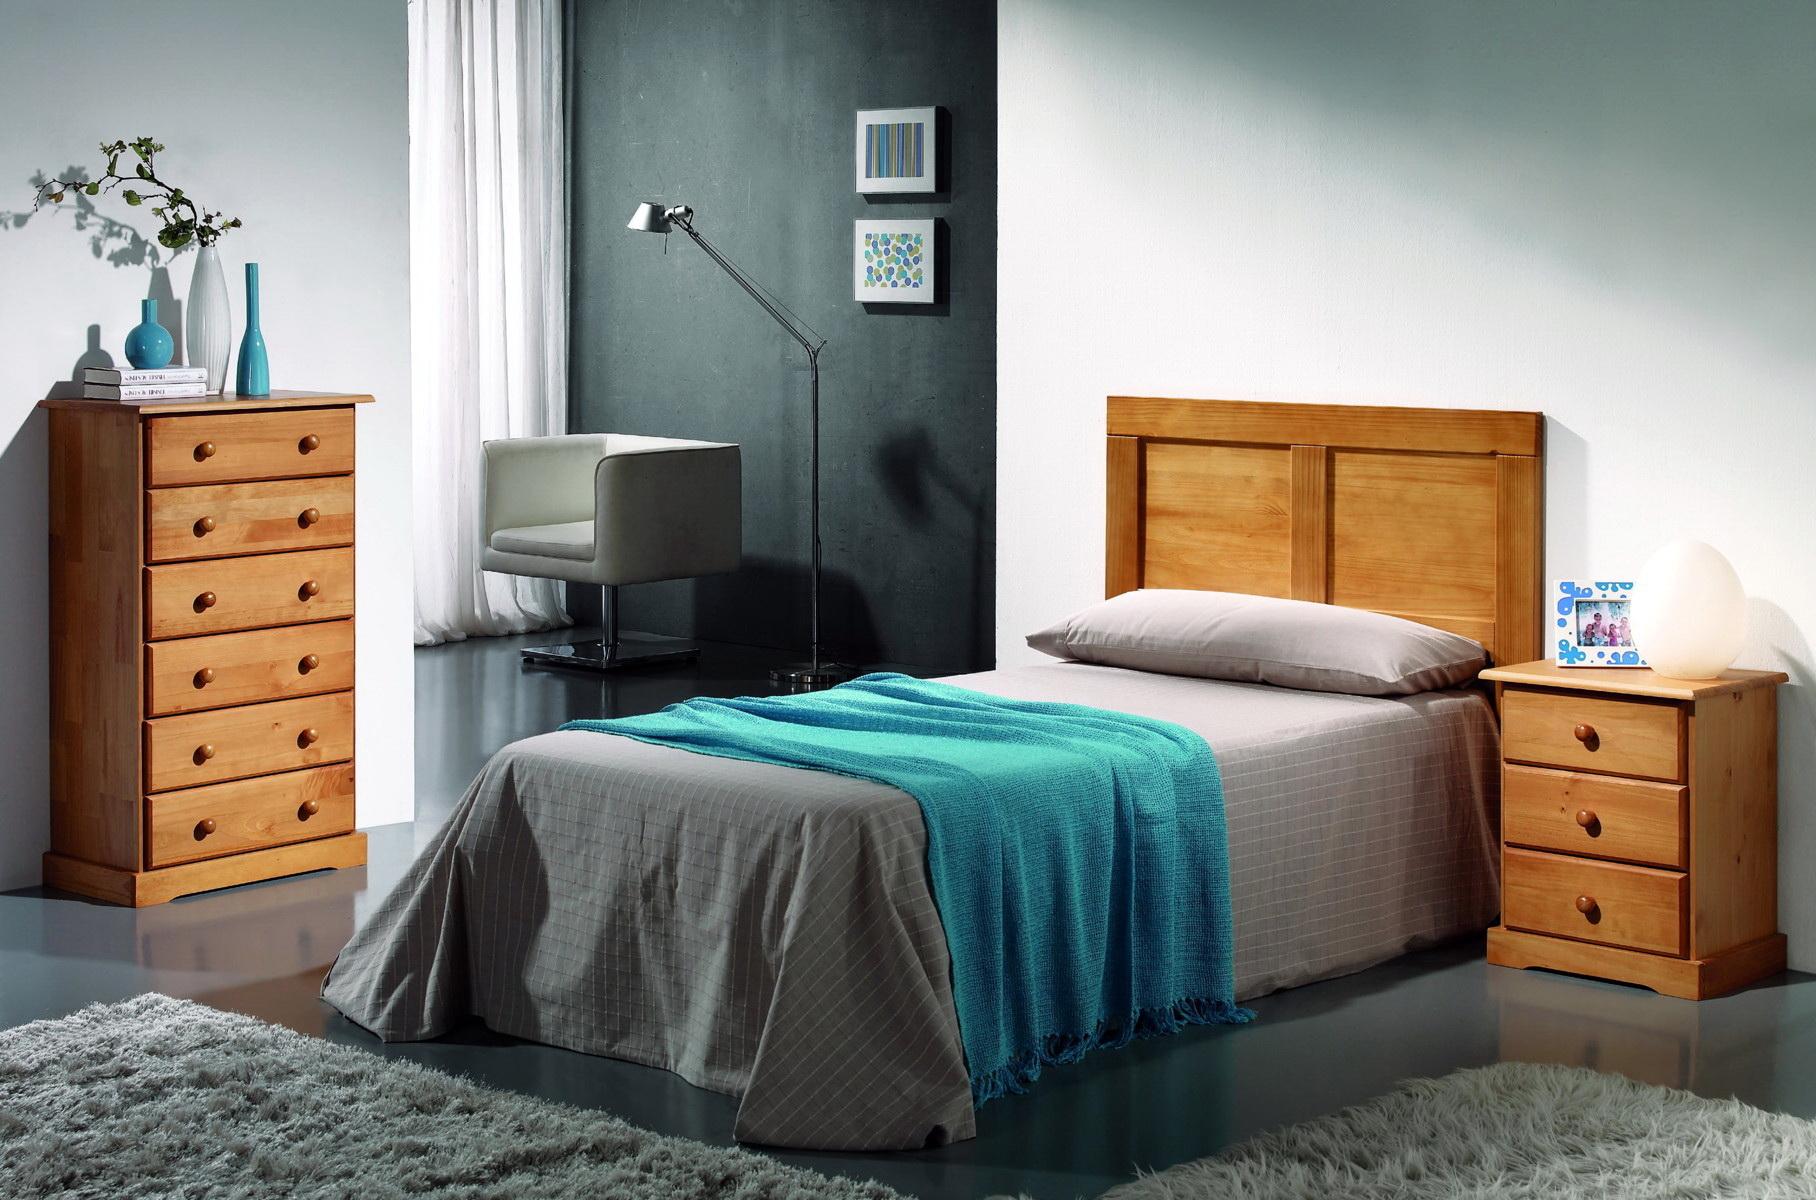 Dormitorio Low Cost Provenzal by FERRANDIS - Muebles ANTOÑÁN